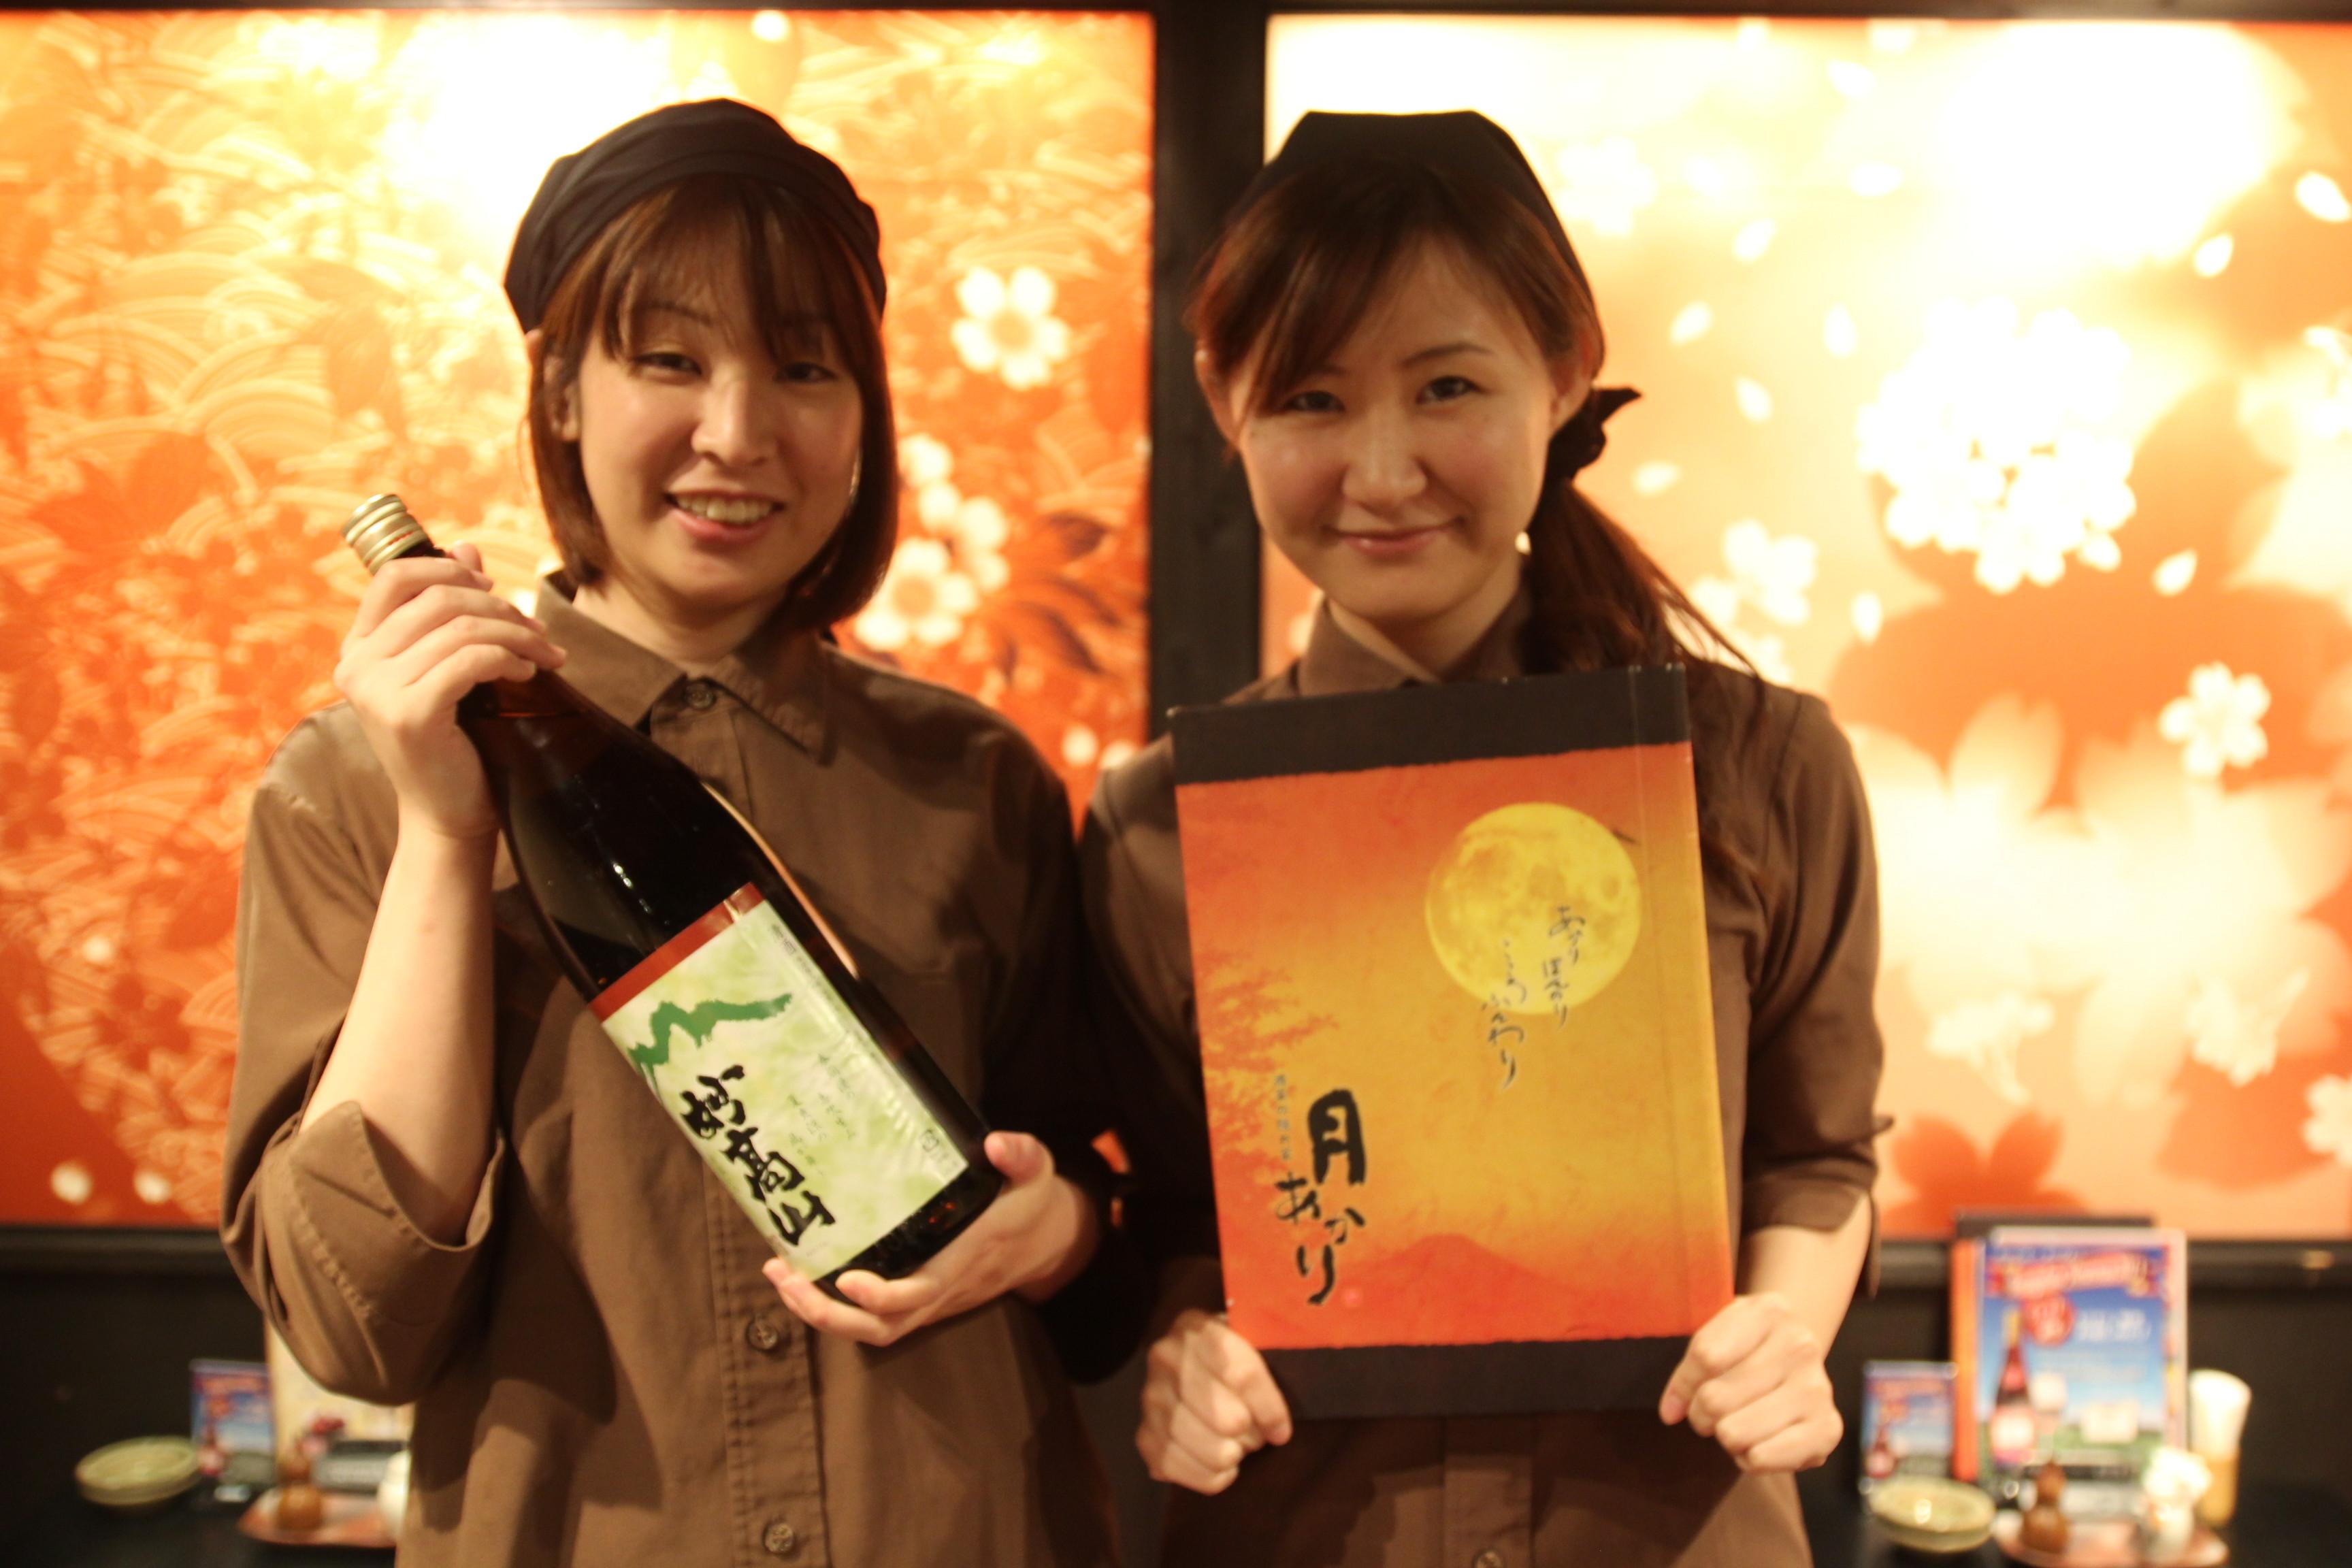 酒菜の隠れ家 月あかり 浜松店のイメージ